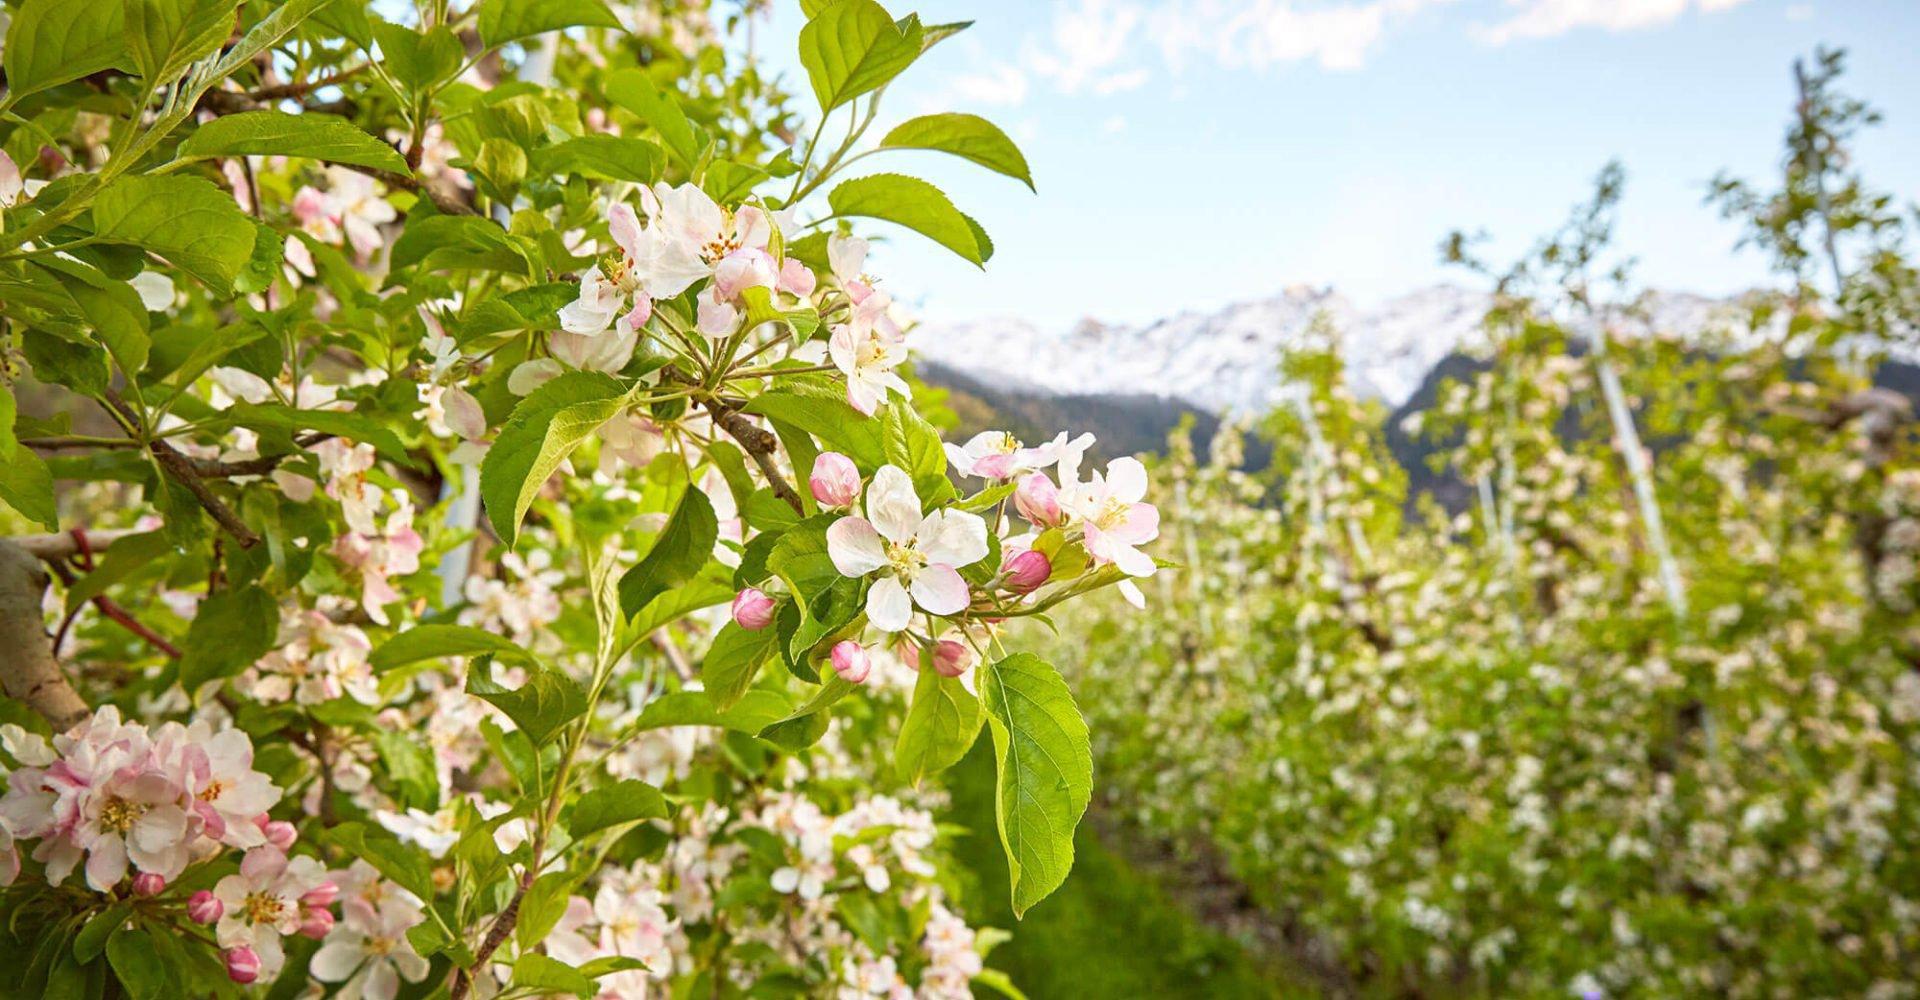 Dolomitenurlaub im Frühling - Blütenpracht in Völs am Schlern